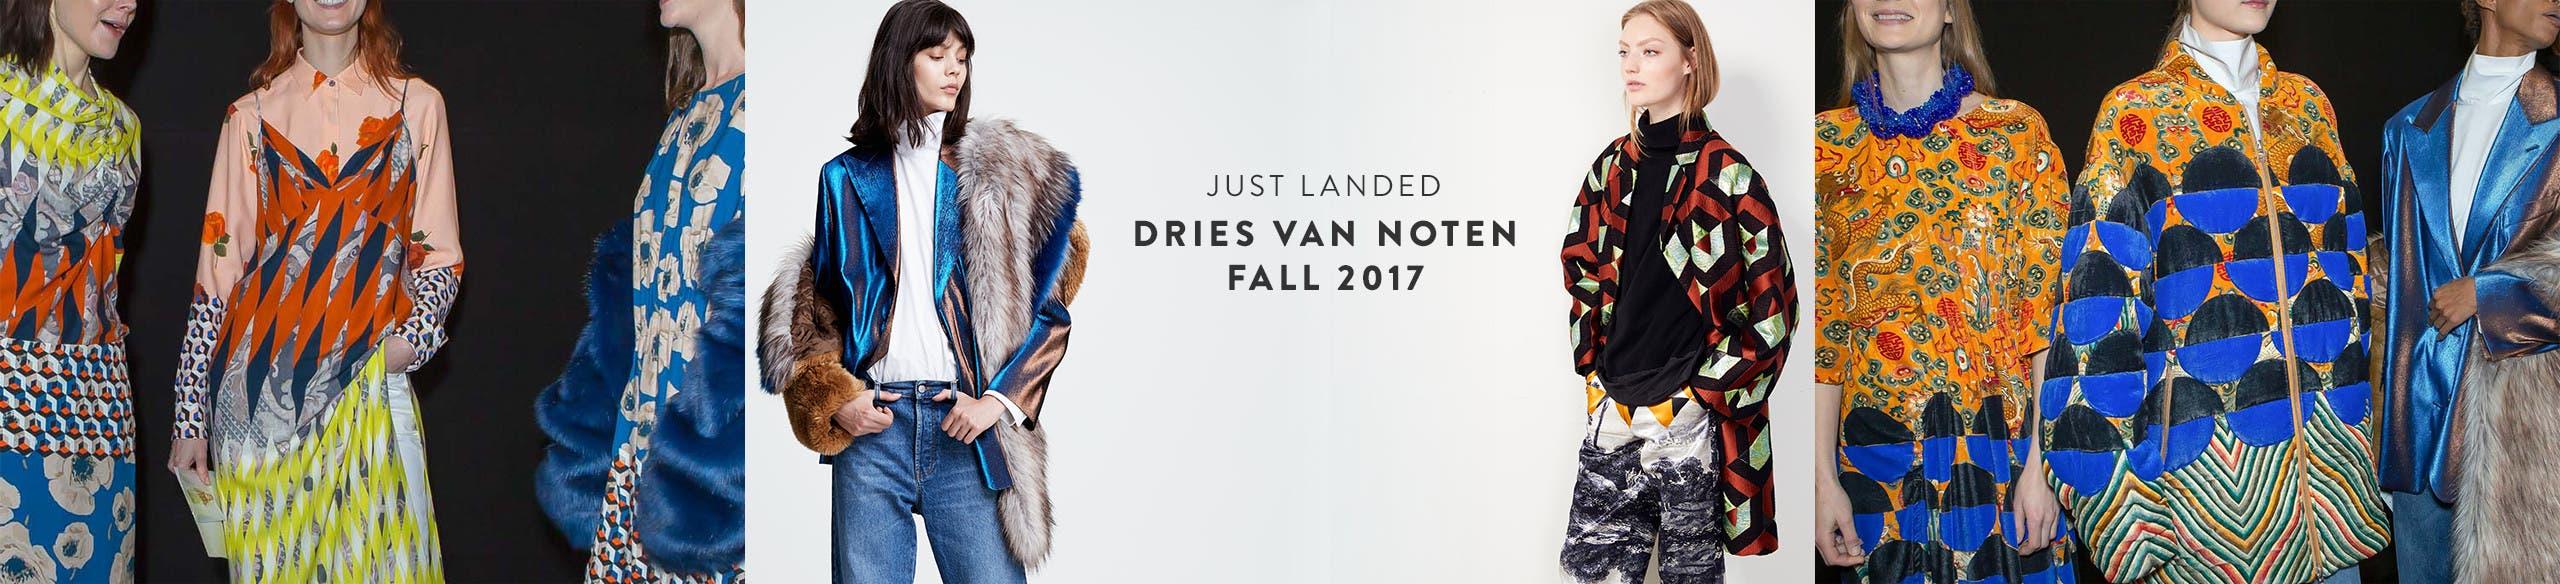 Designer Collections Nordstrom - How to make designer dress at home